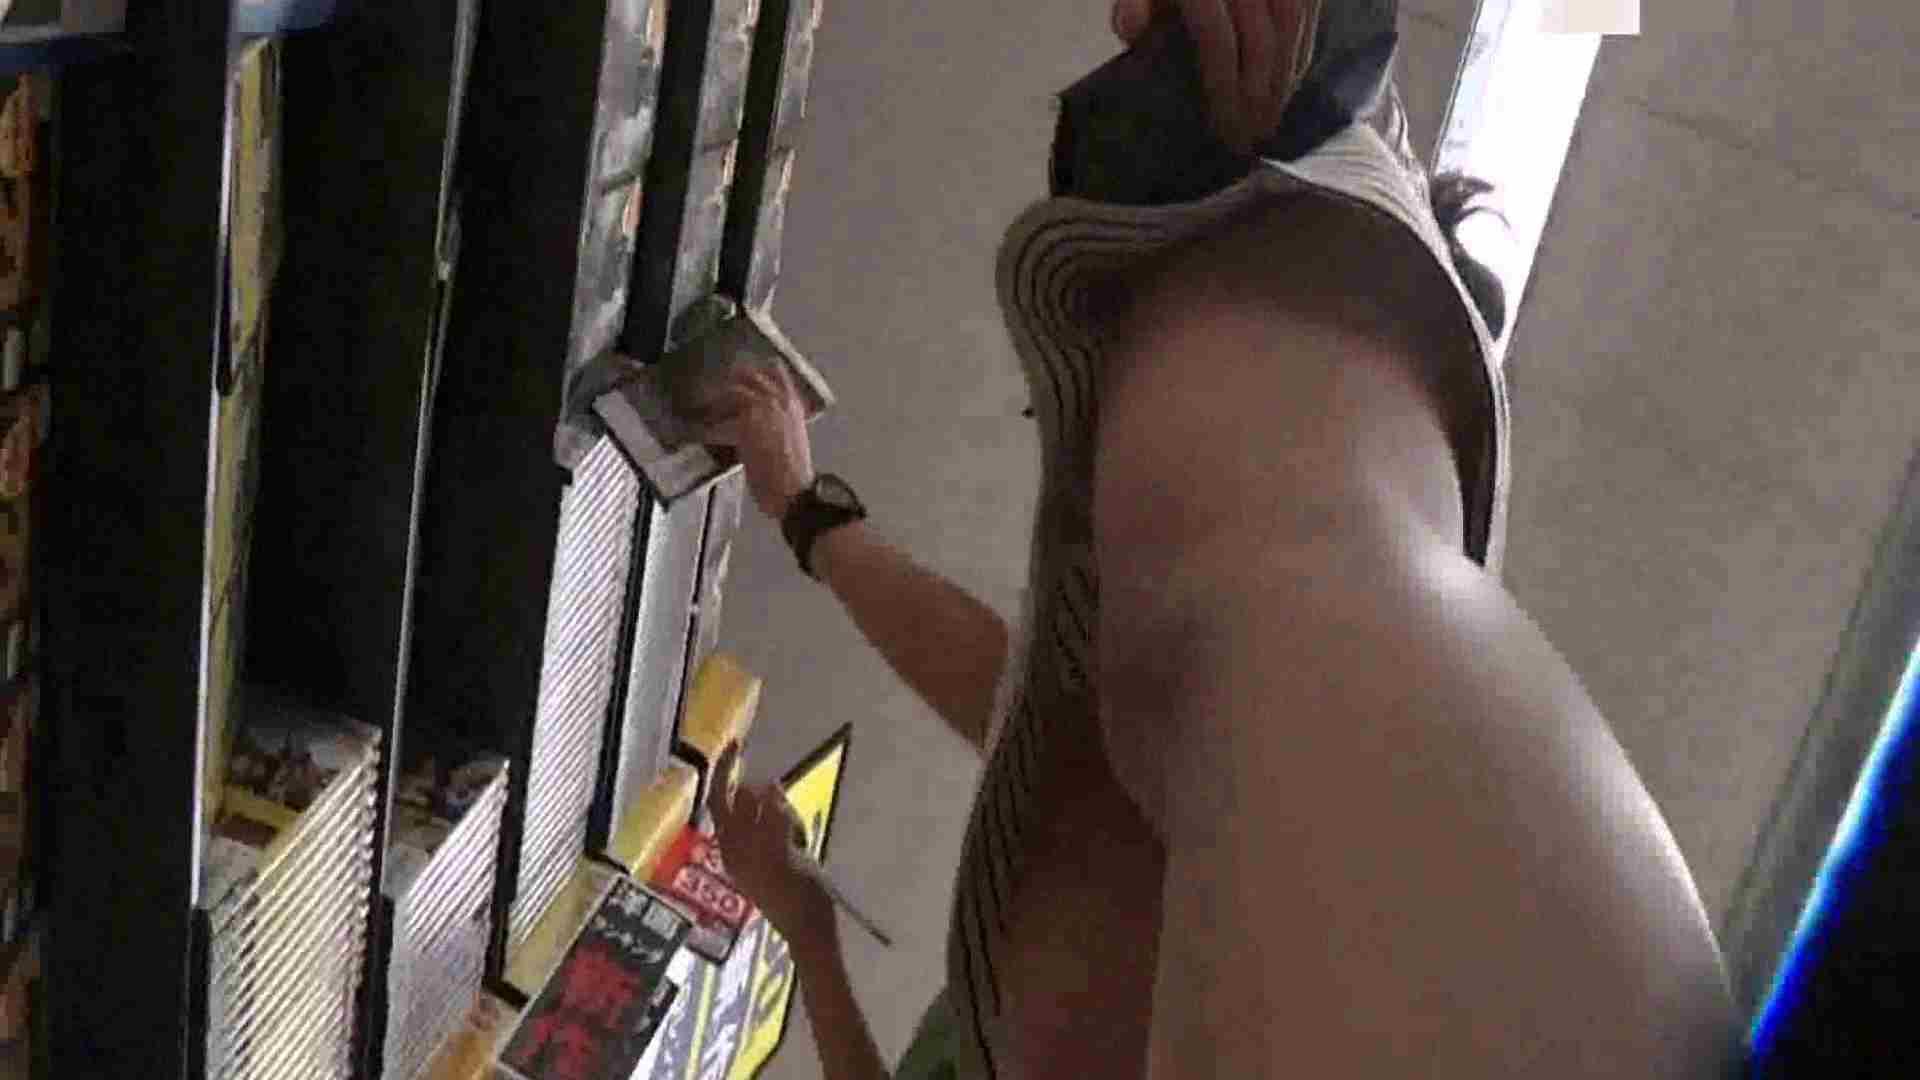 真剣に買い物中のgal達を上から下から狙います。vol.01 HなOL | JKヌード  102pic 20